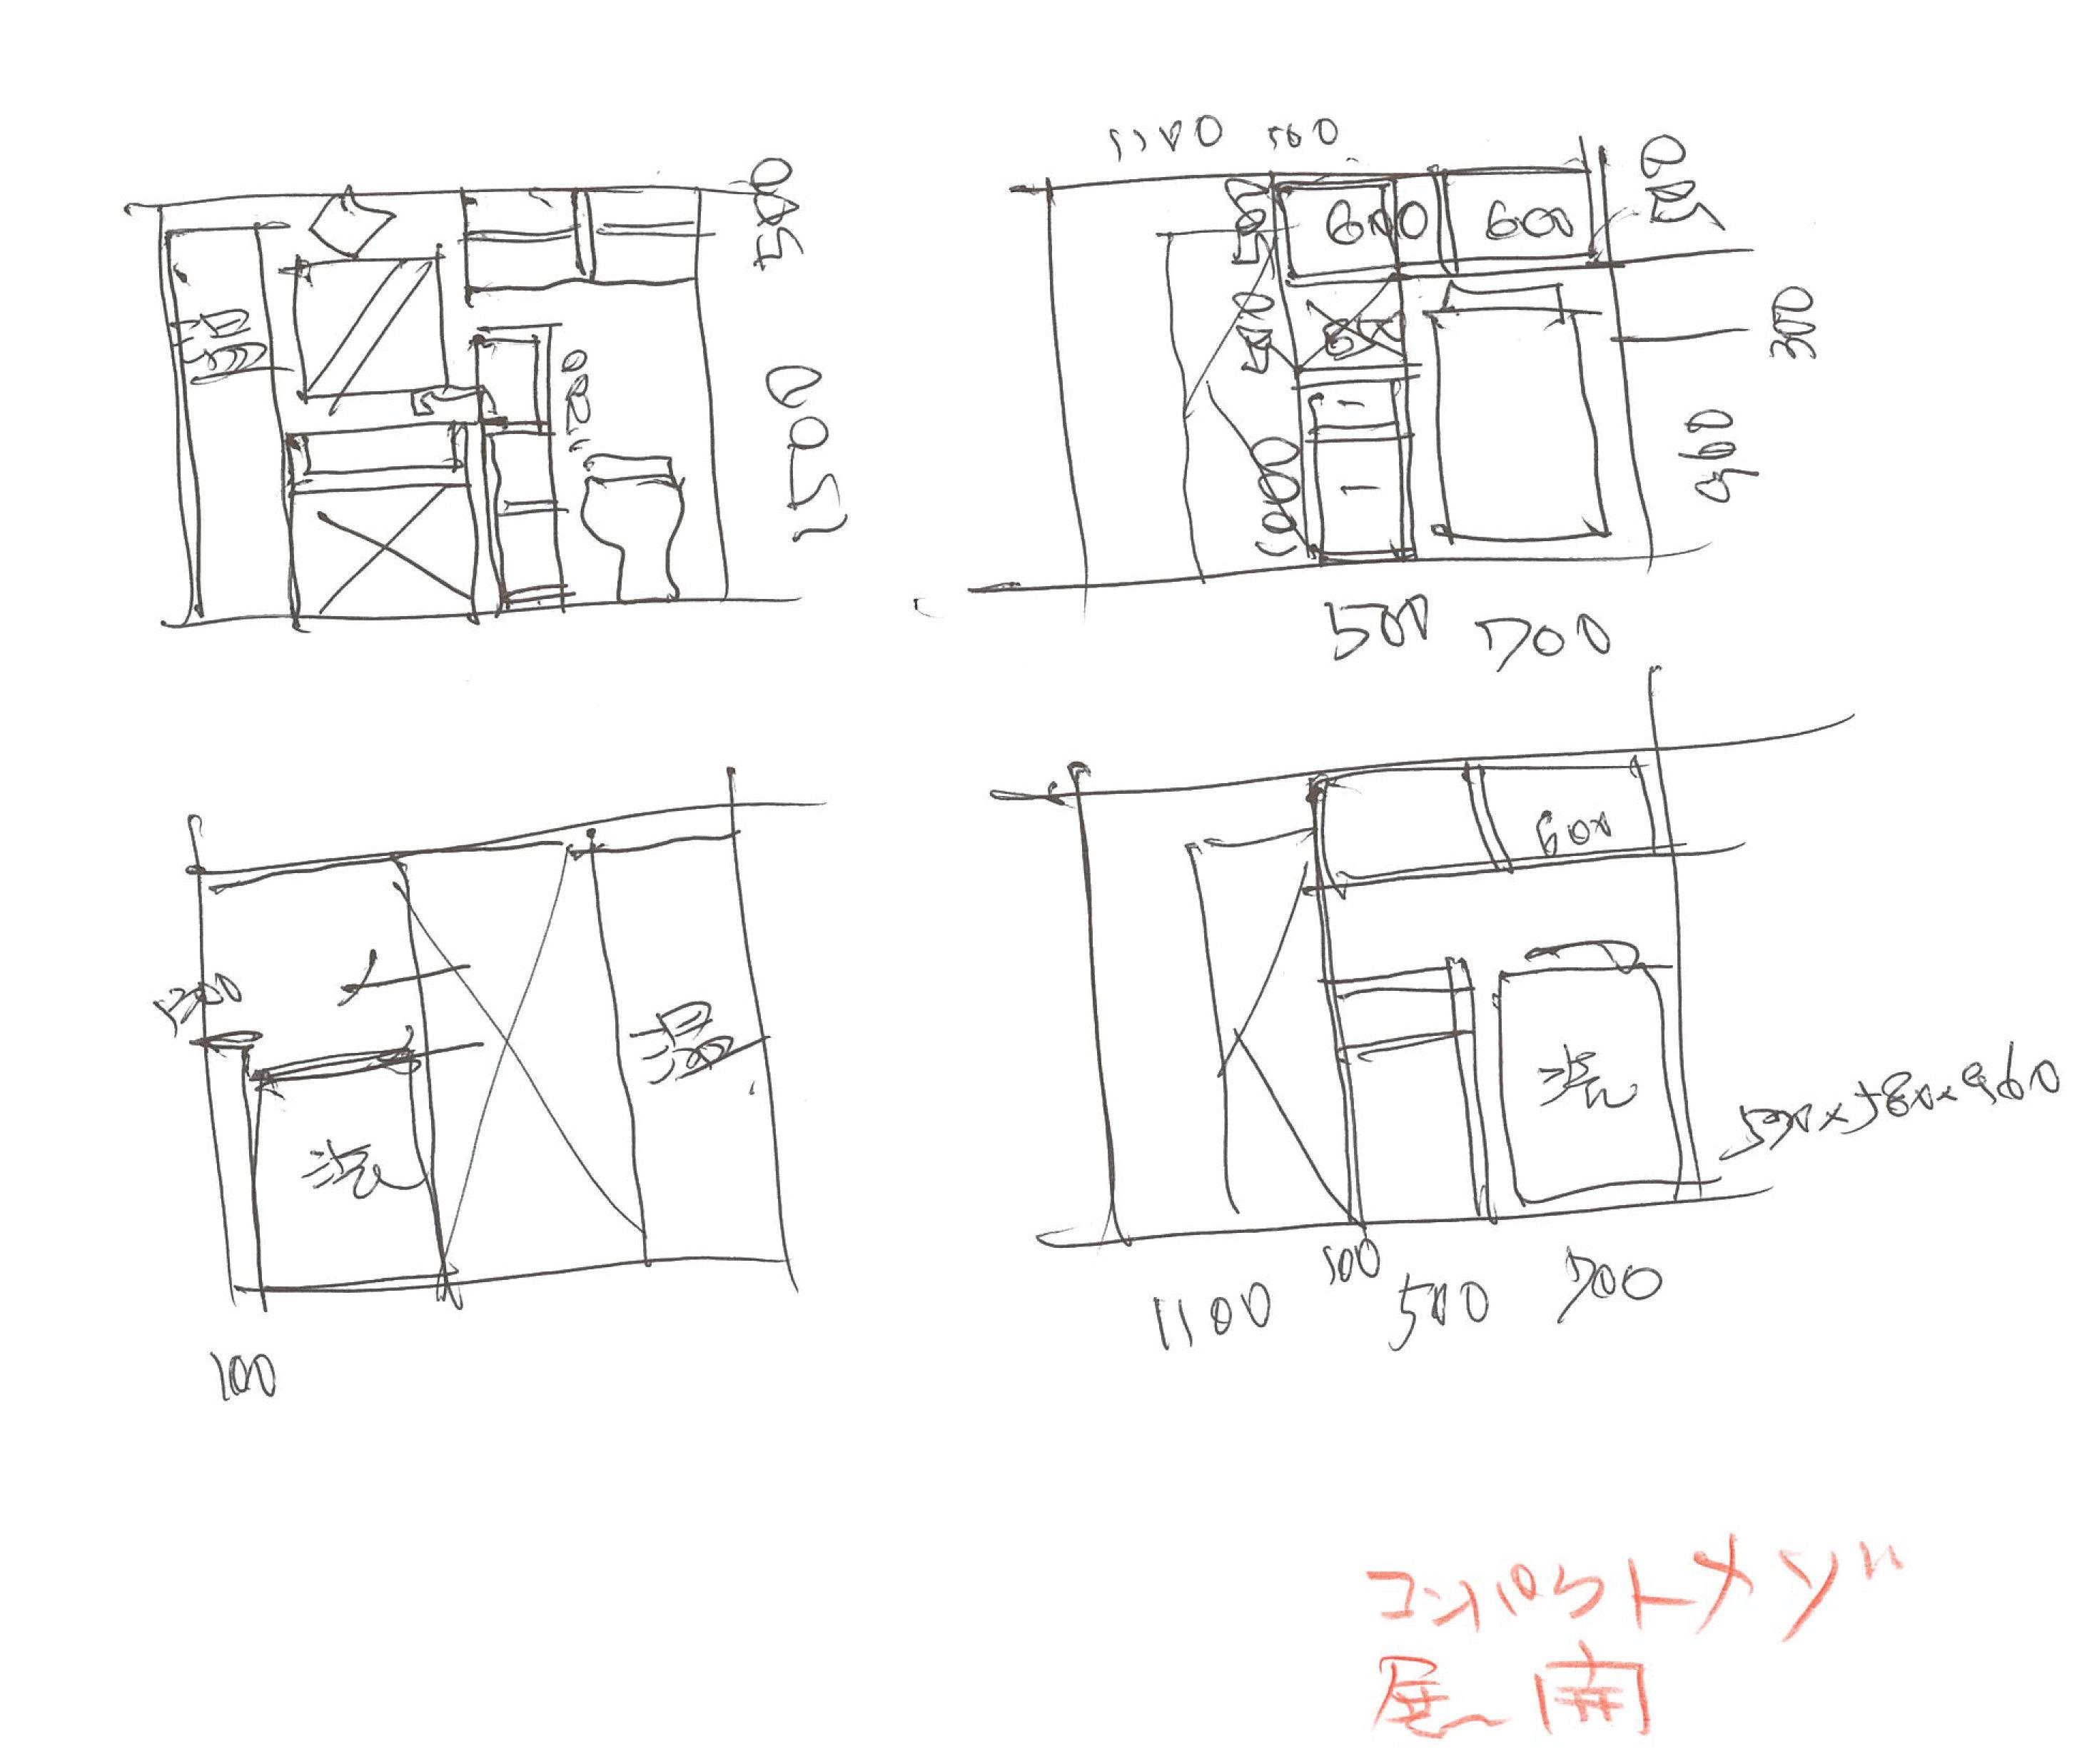 いえのえほん設計篇/東川モッキーノ、サニタリー_c0189970_15041120.jpg